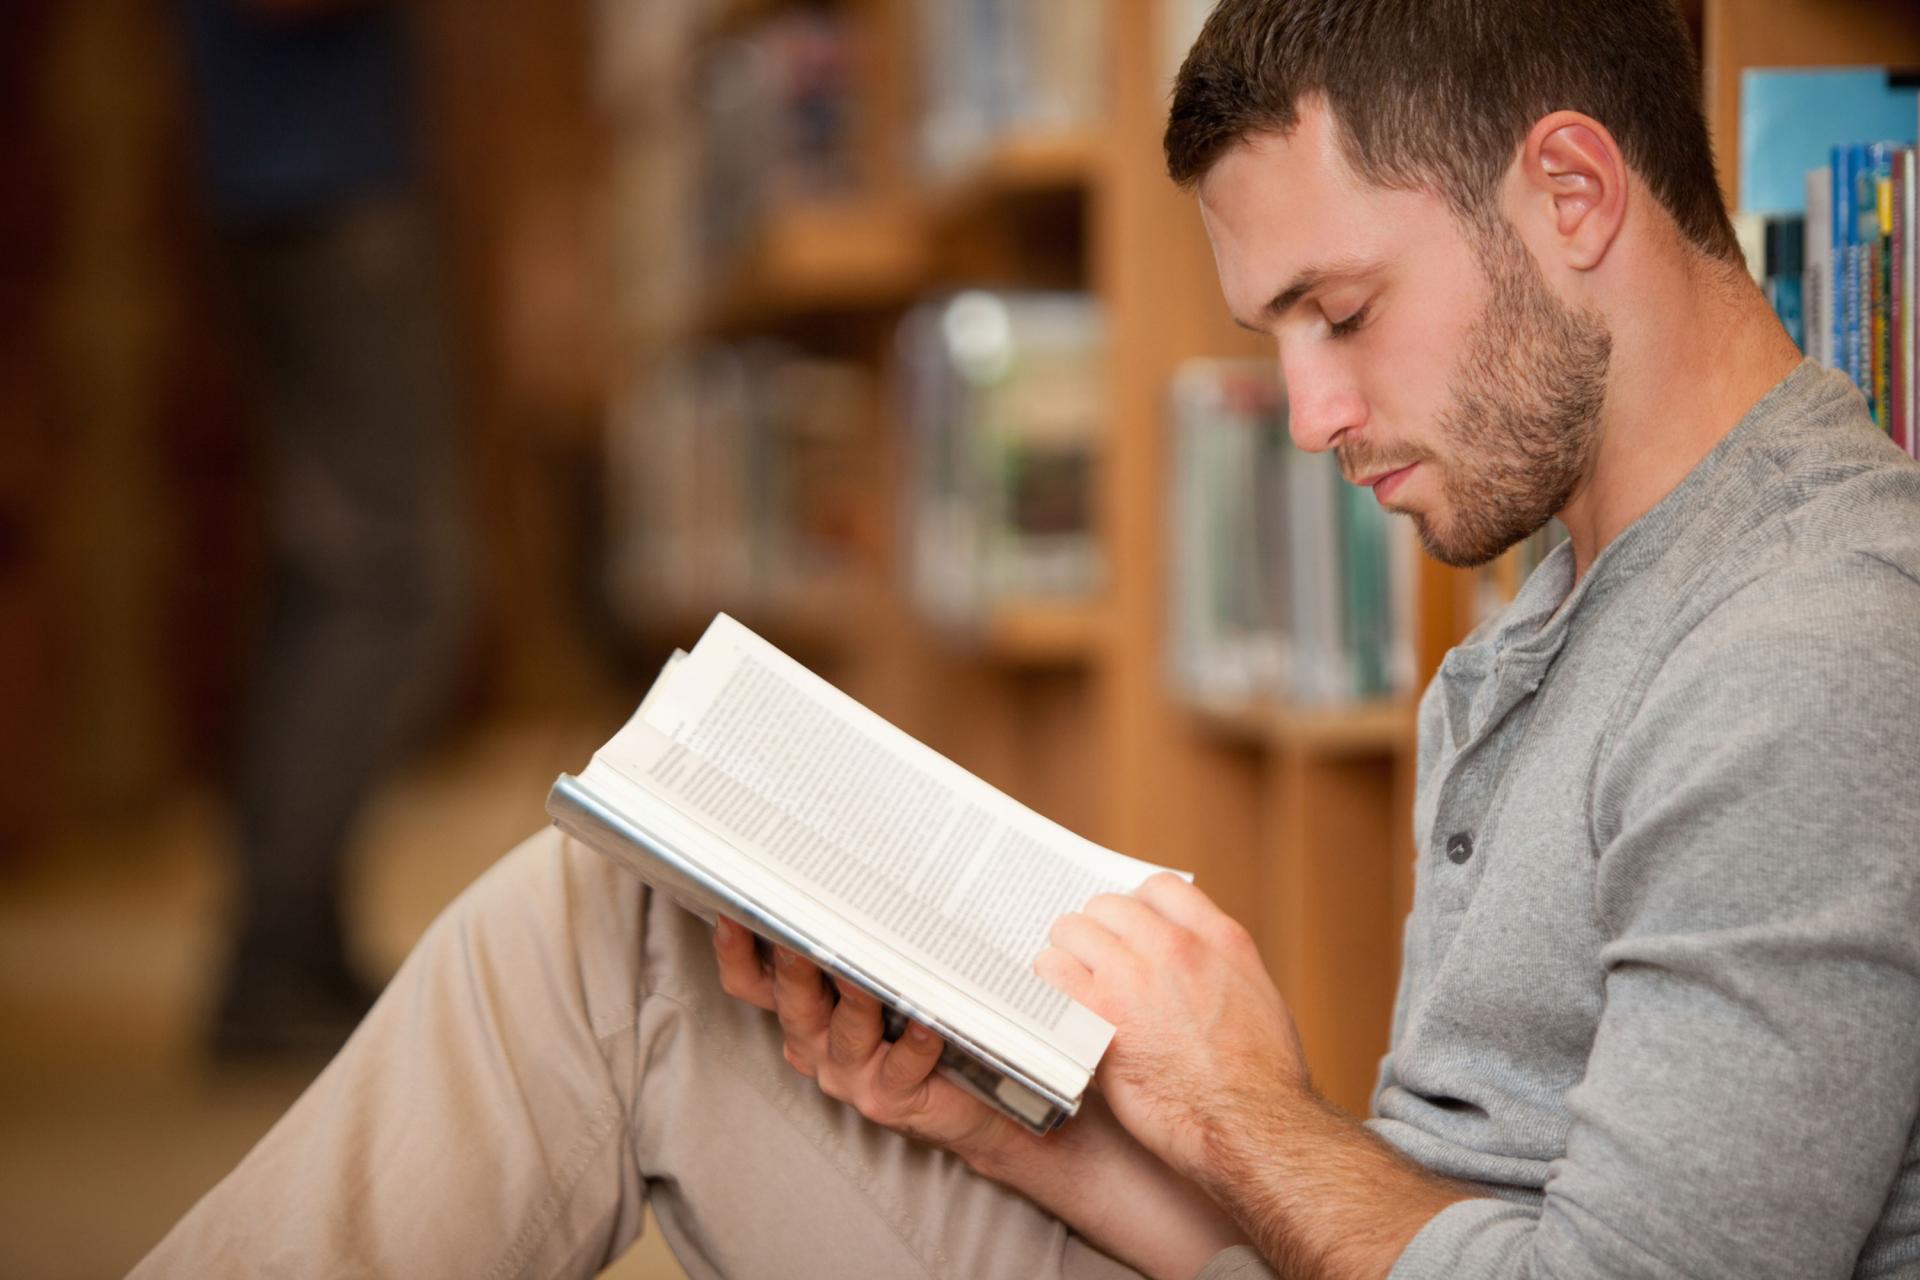 фото читающих людей старт позволяет бегуну